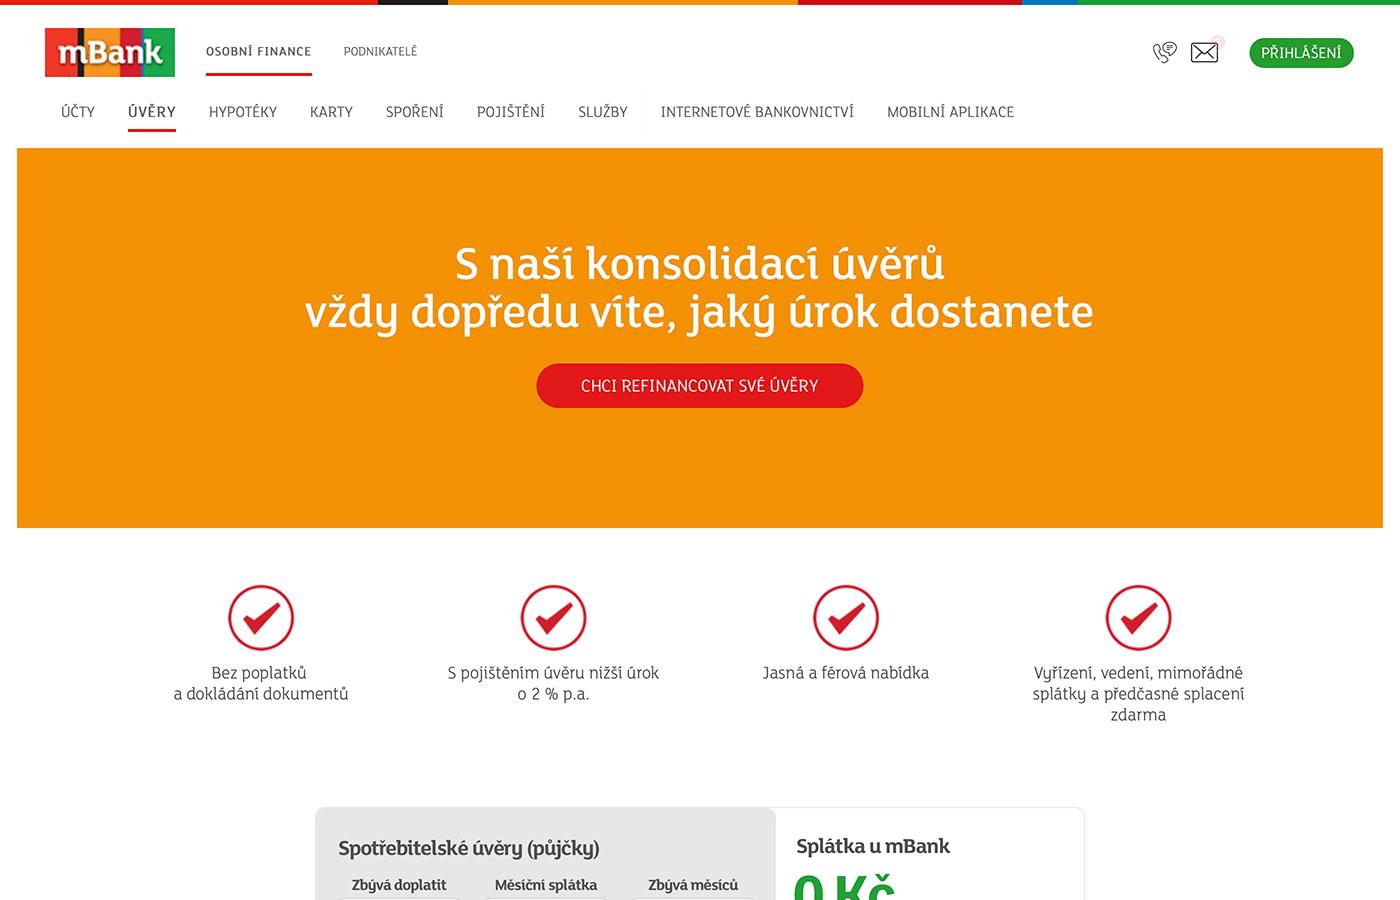 Webové stránky https://www.mbank.cz/osobni/uvery/mpujcka-konsolidace/